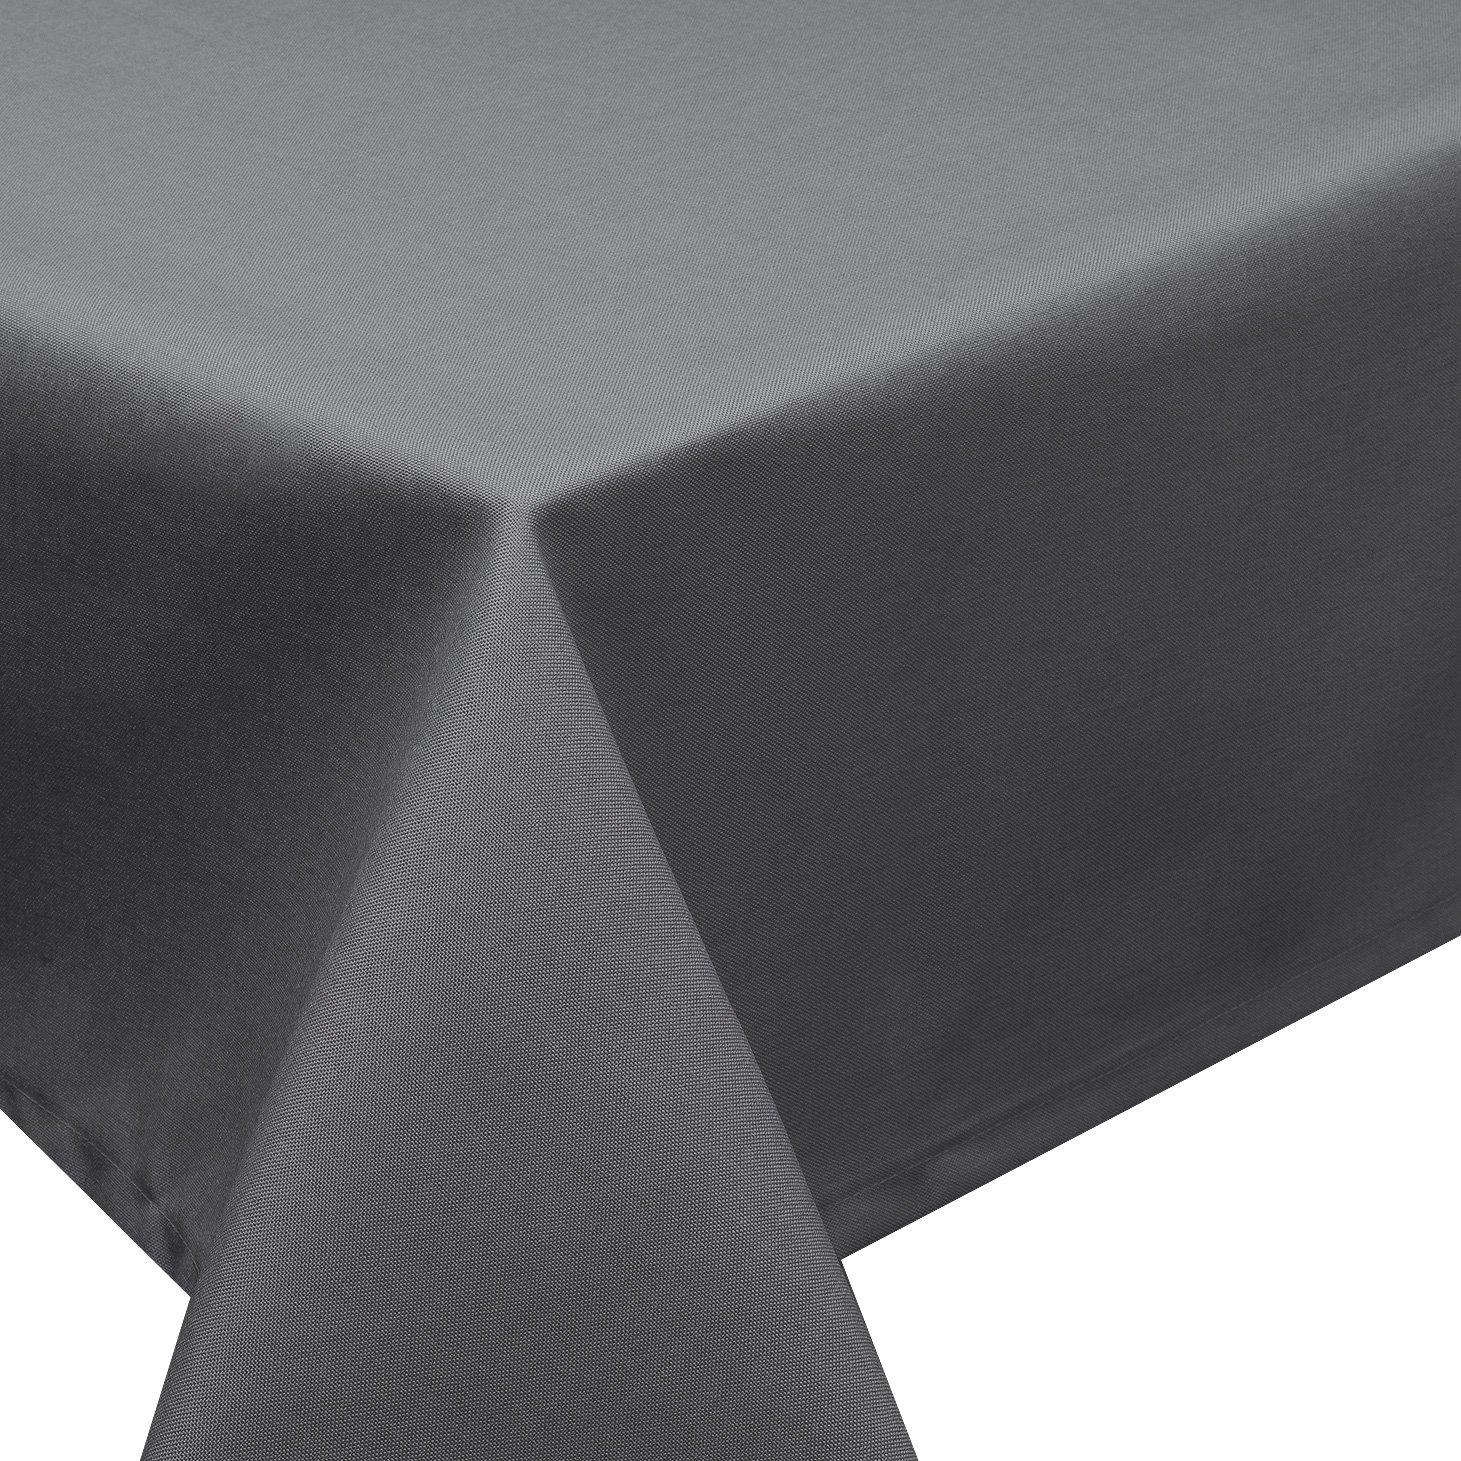 Tischdecke Fleckschutz Lotus Effekt Garten Leinenoptik abwaschbar in in in 27 Größen und 15 Farben in eckig, oval und rund Farbe  anthrazit eckig 160x320 cm B06WVD9GYP Tischdecken 6eb8ad